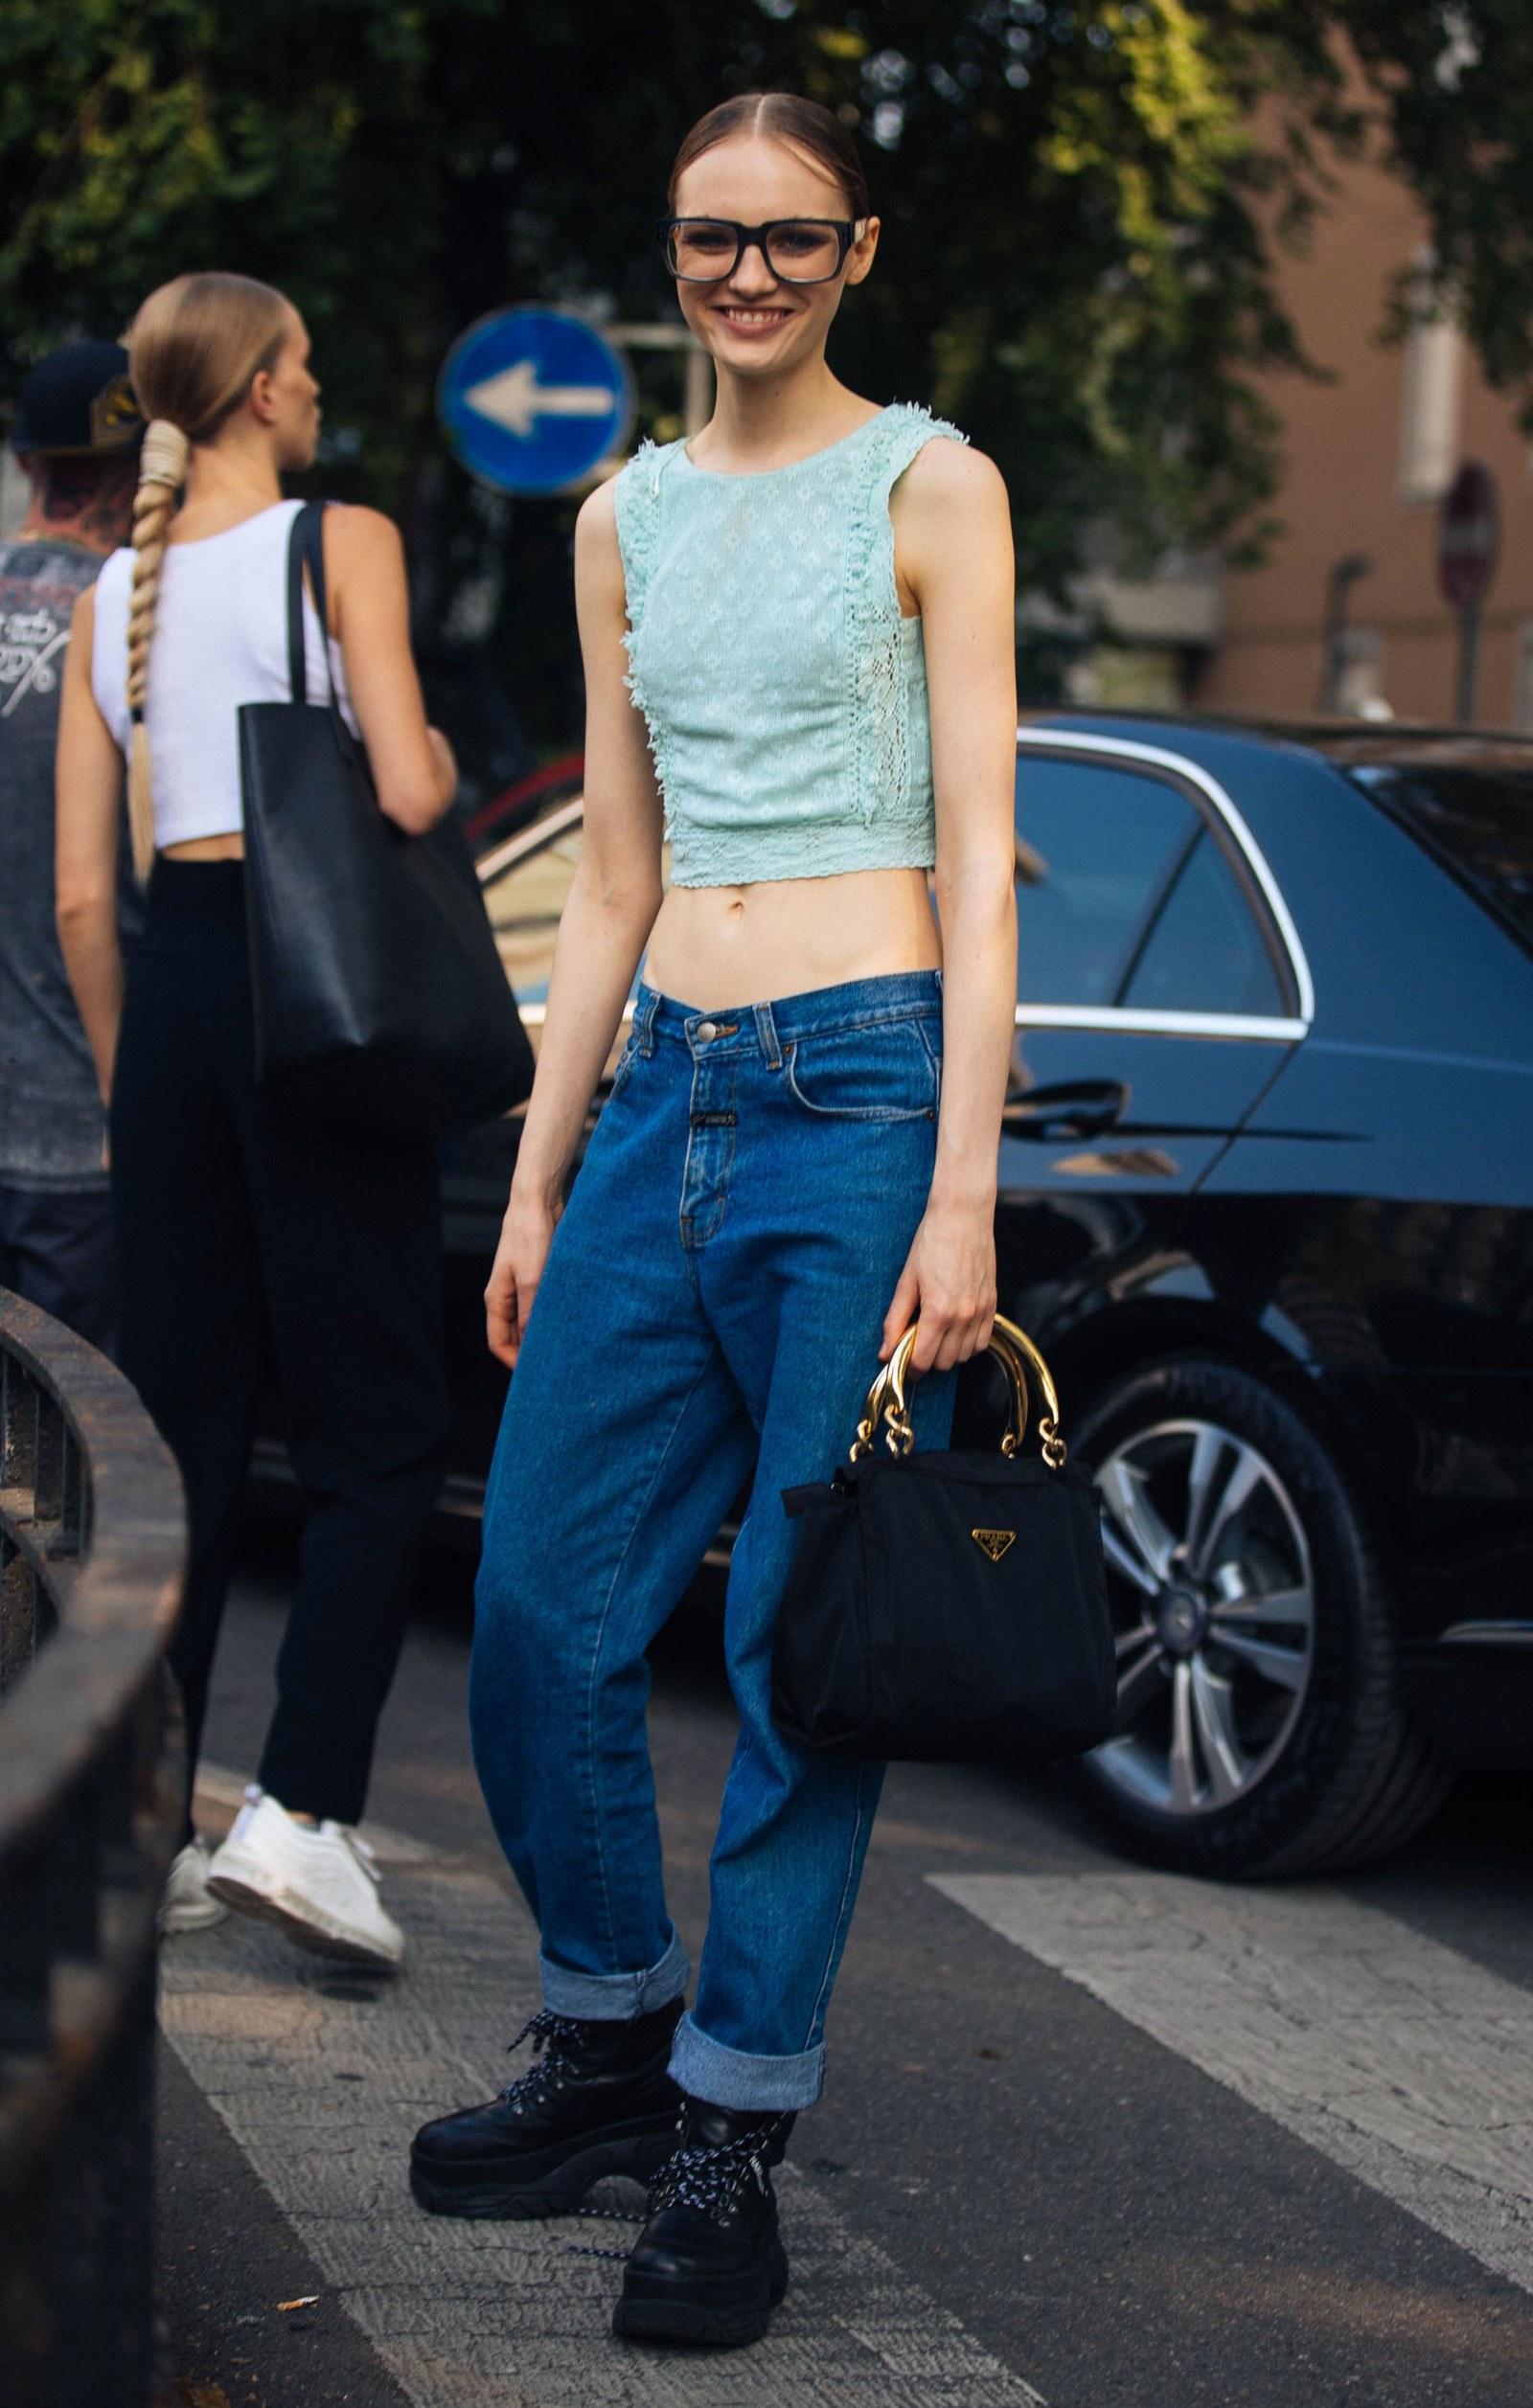 xu hướng thời trang quần jeans cạp trễ add 2